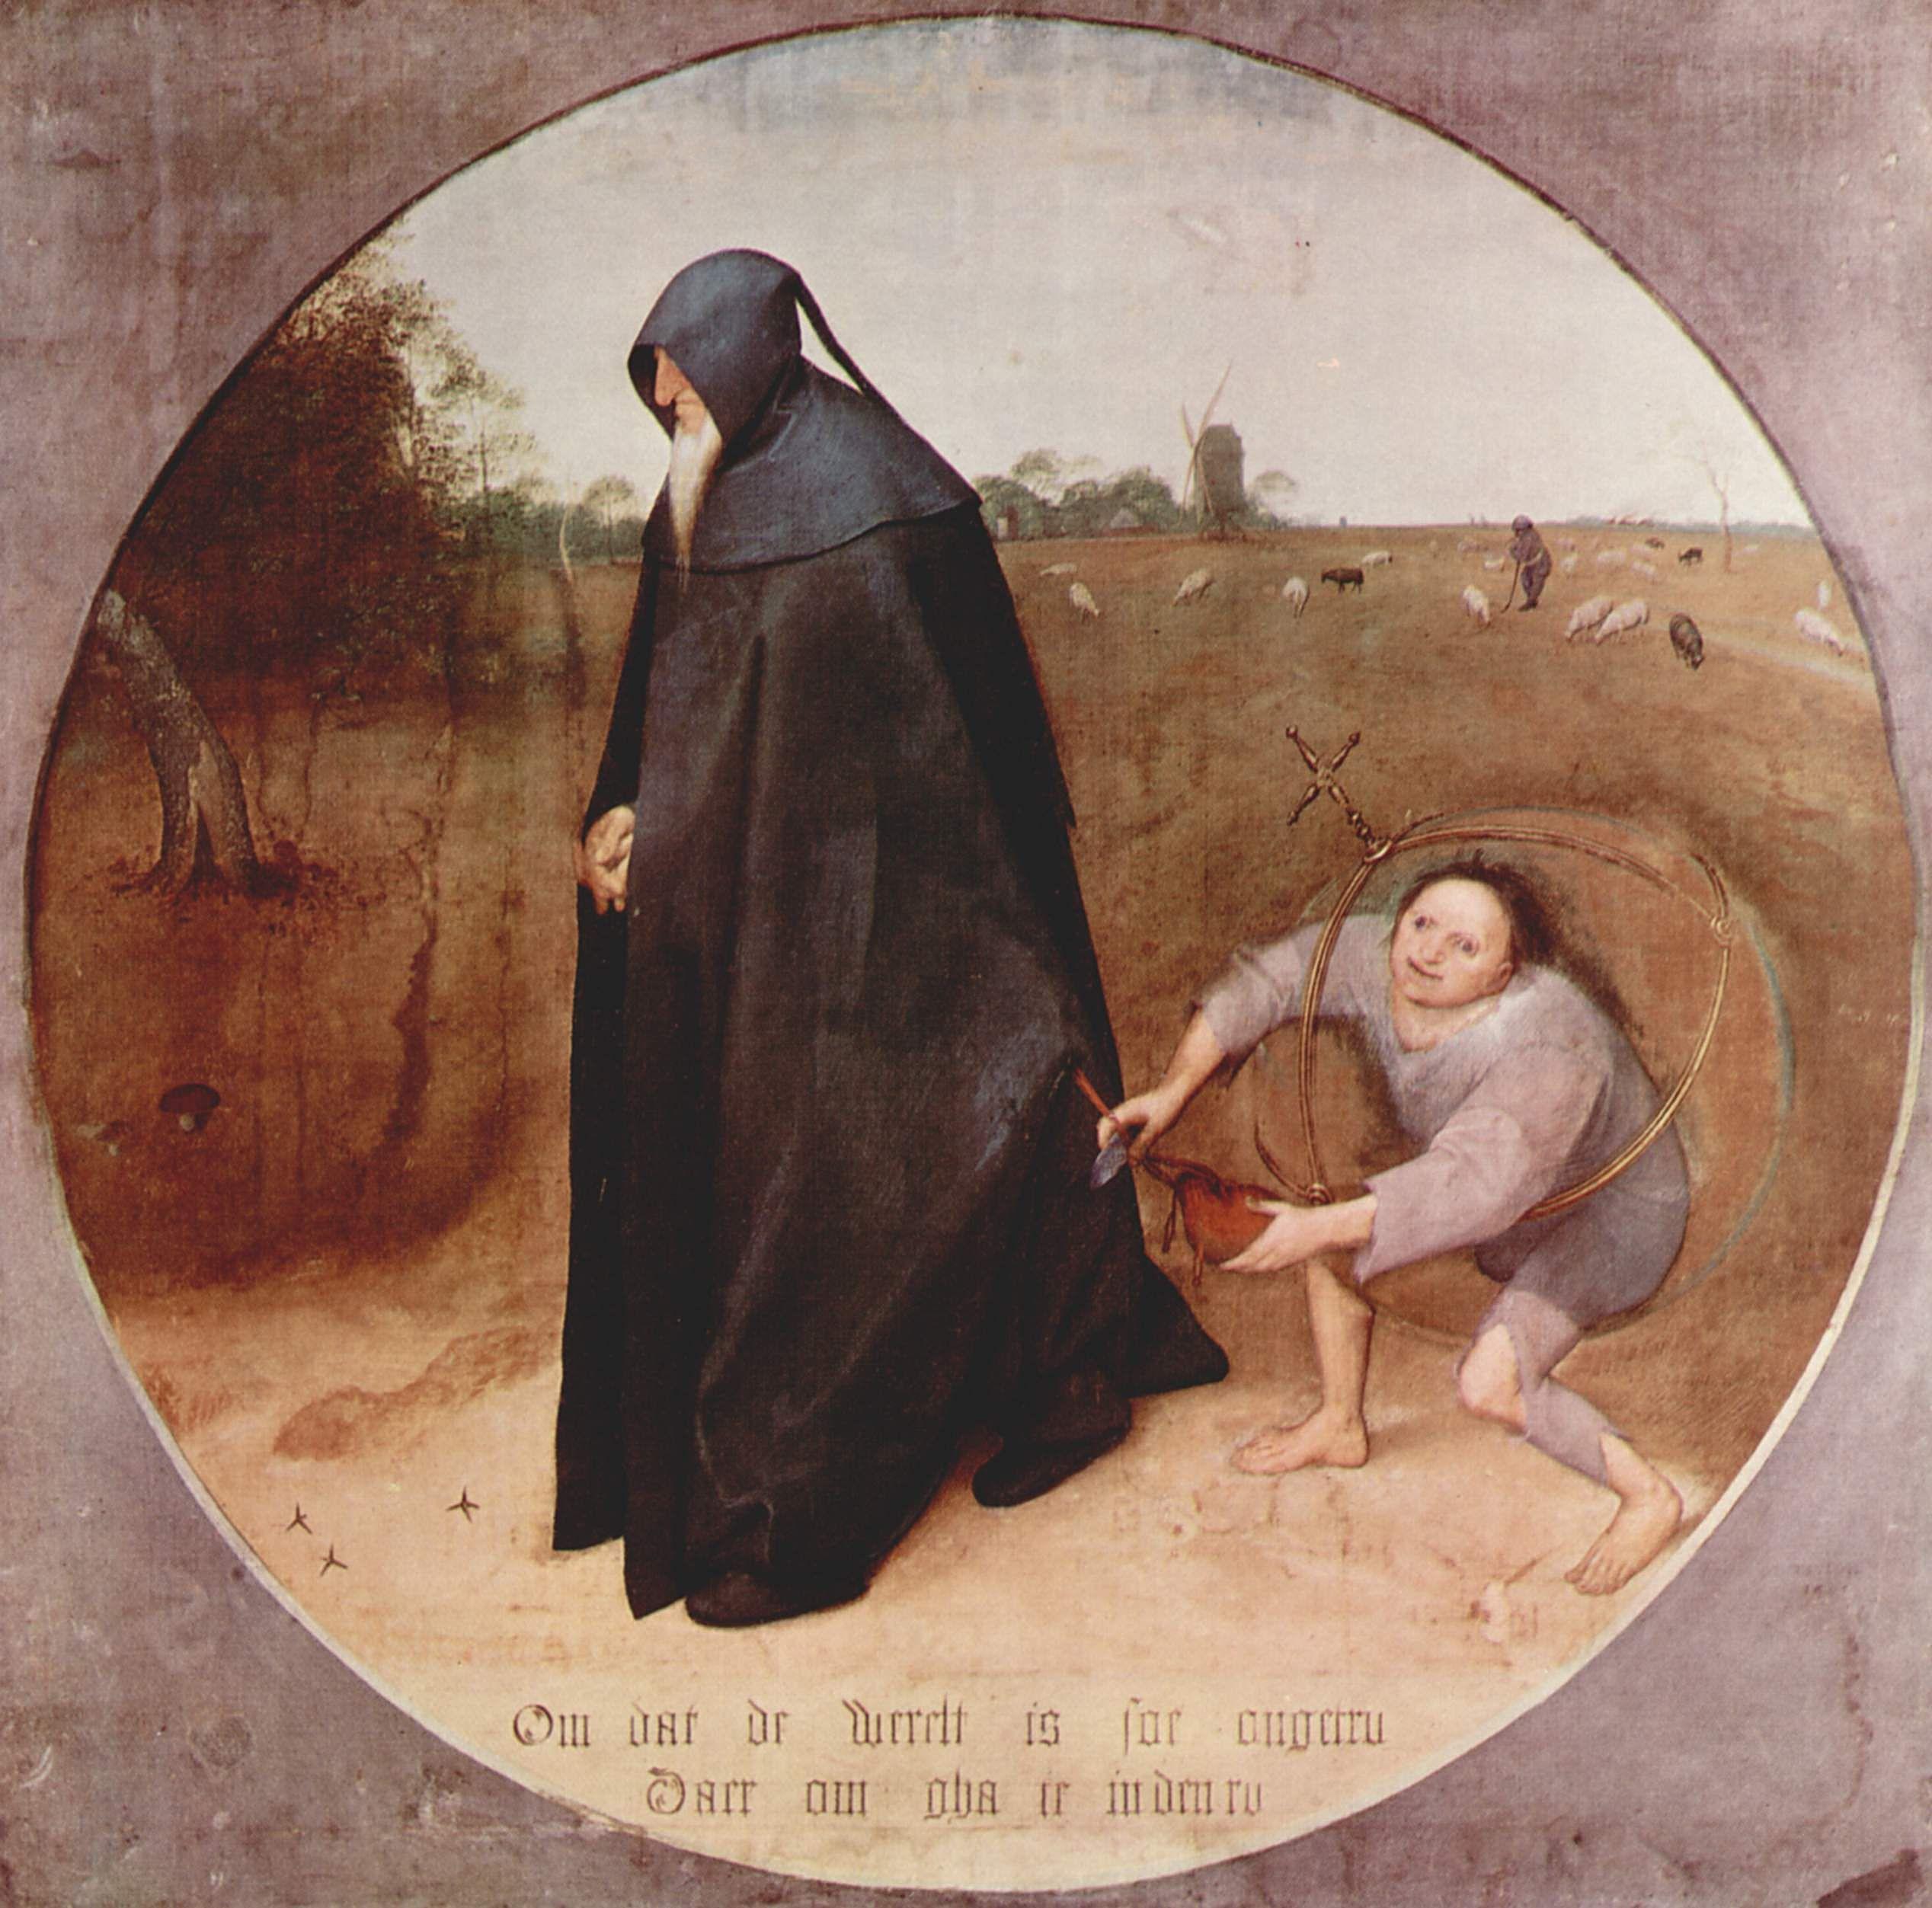 Misanthrope, 1568